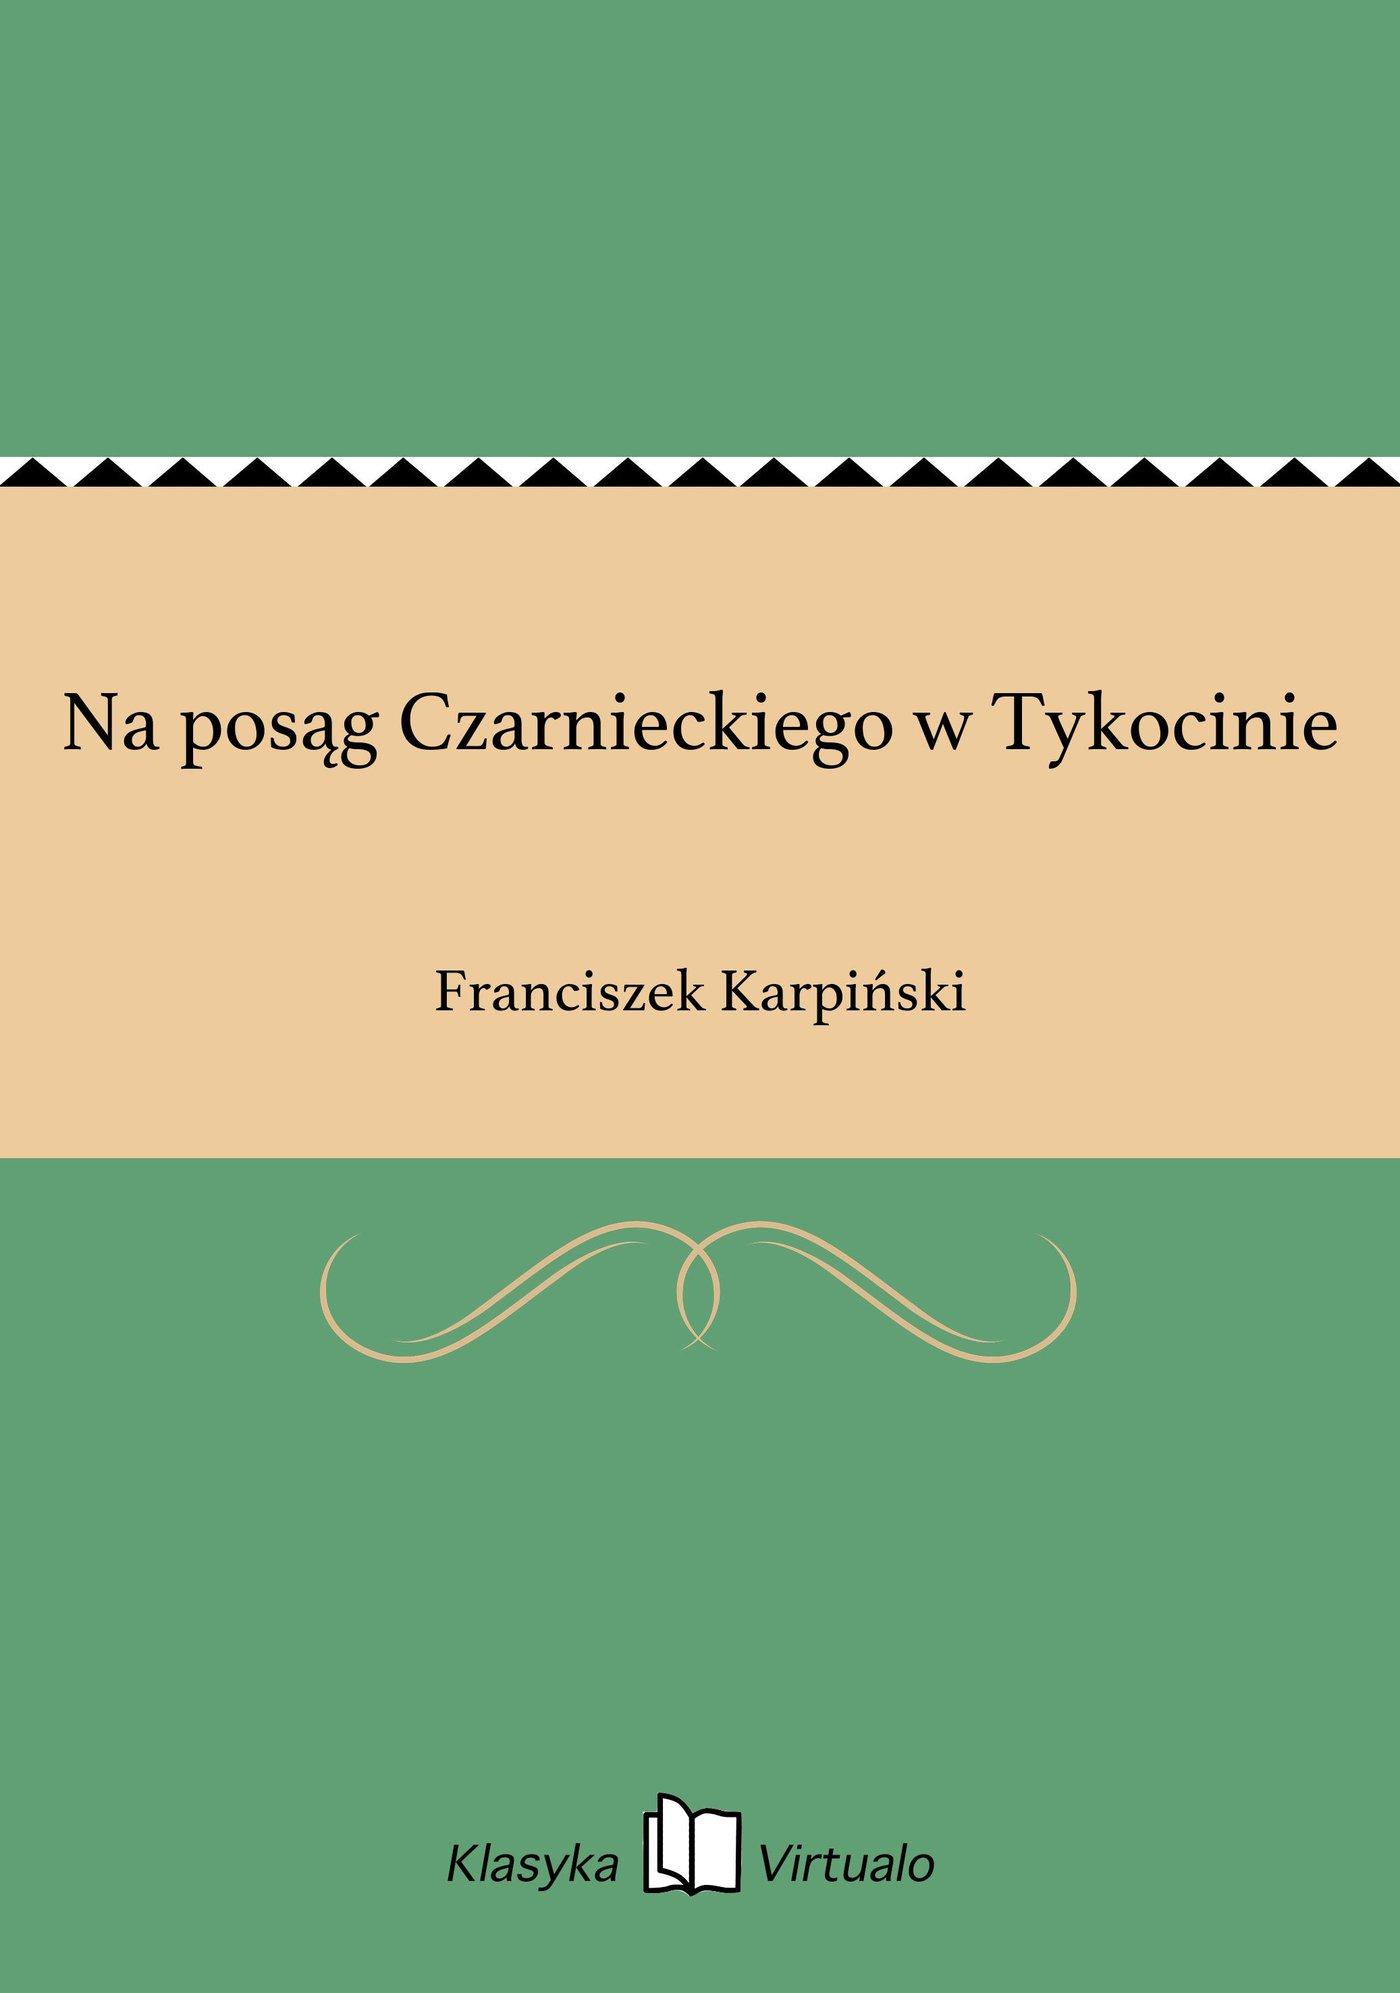 Na posąg Czarnieckiego w Tykocinie - Ebook (Książka EPUB) do pobrania w formacie EPUB